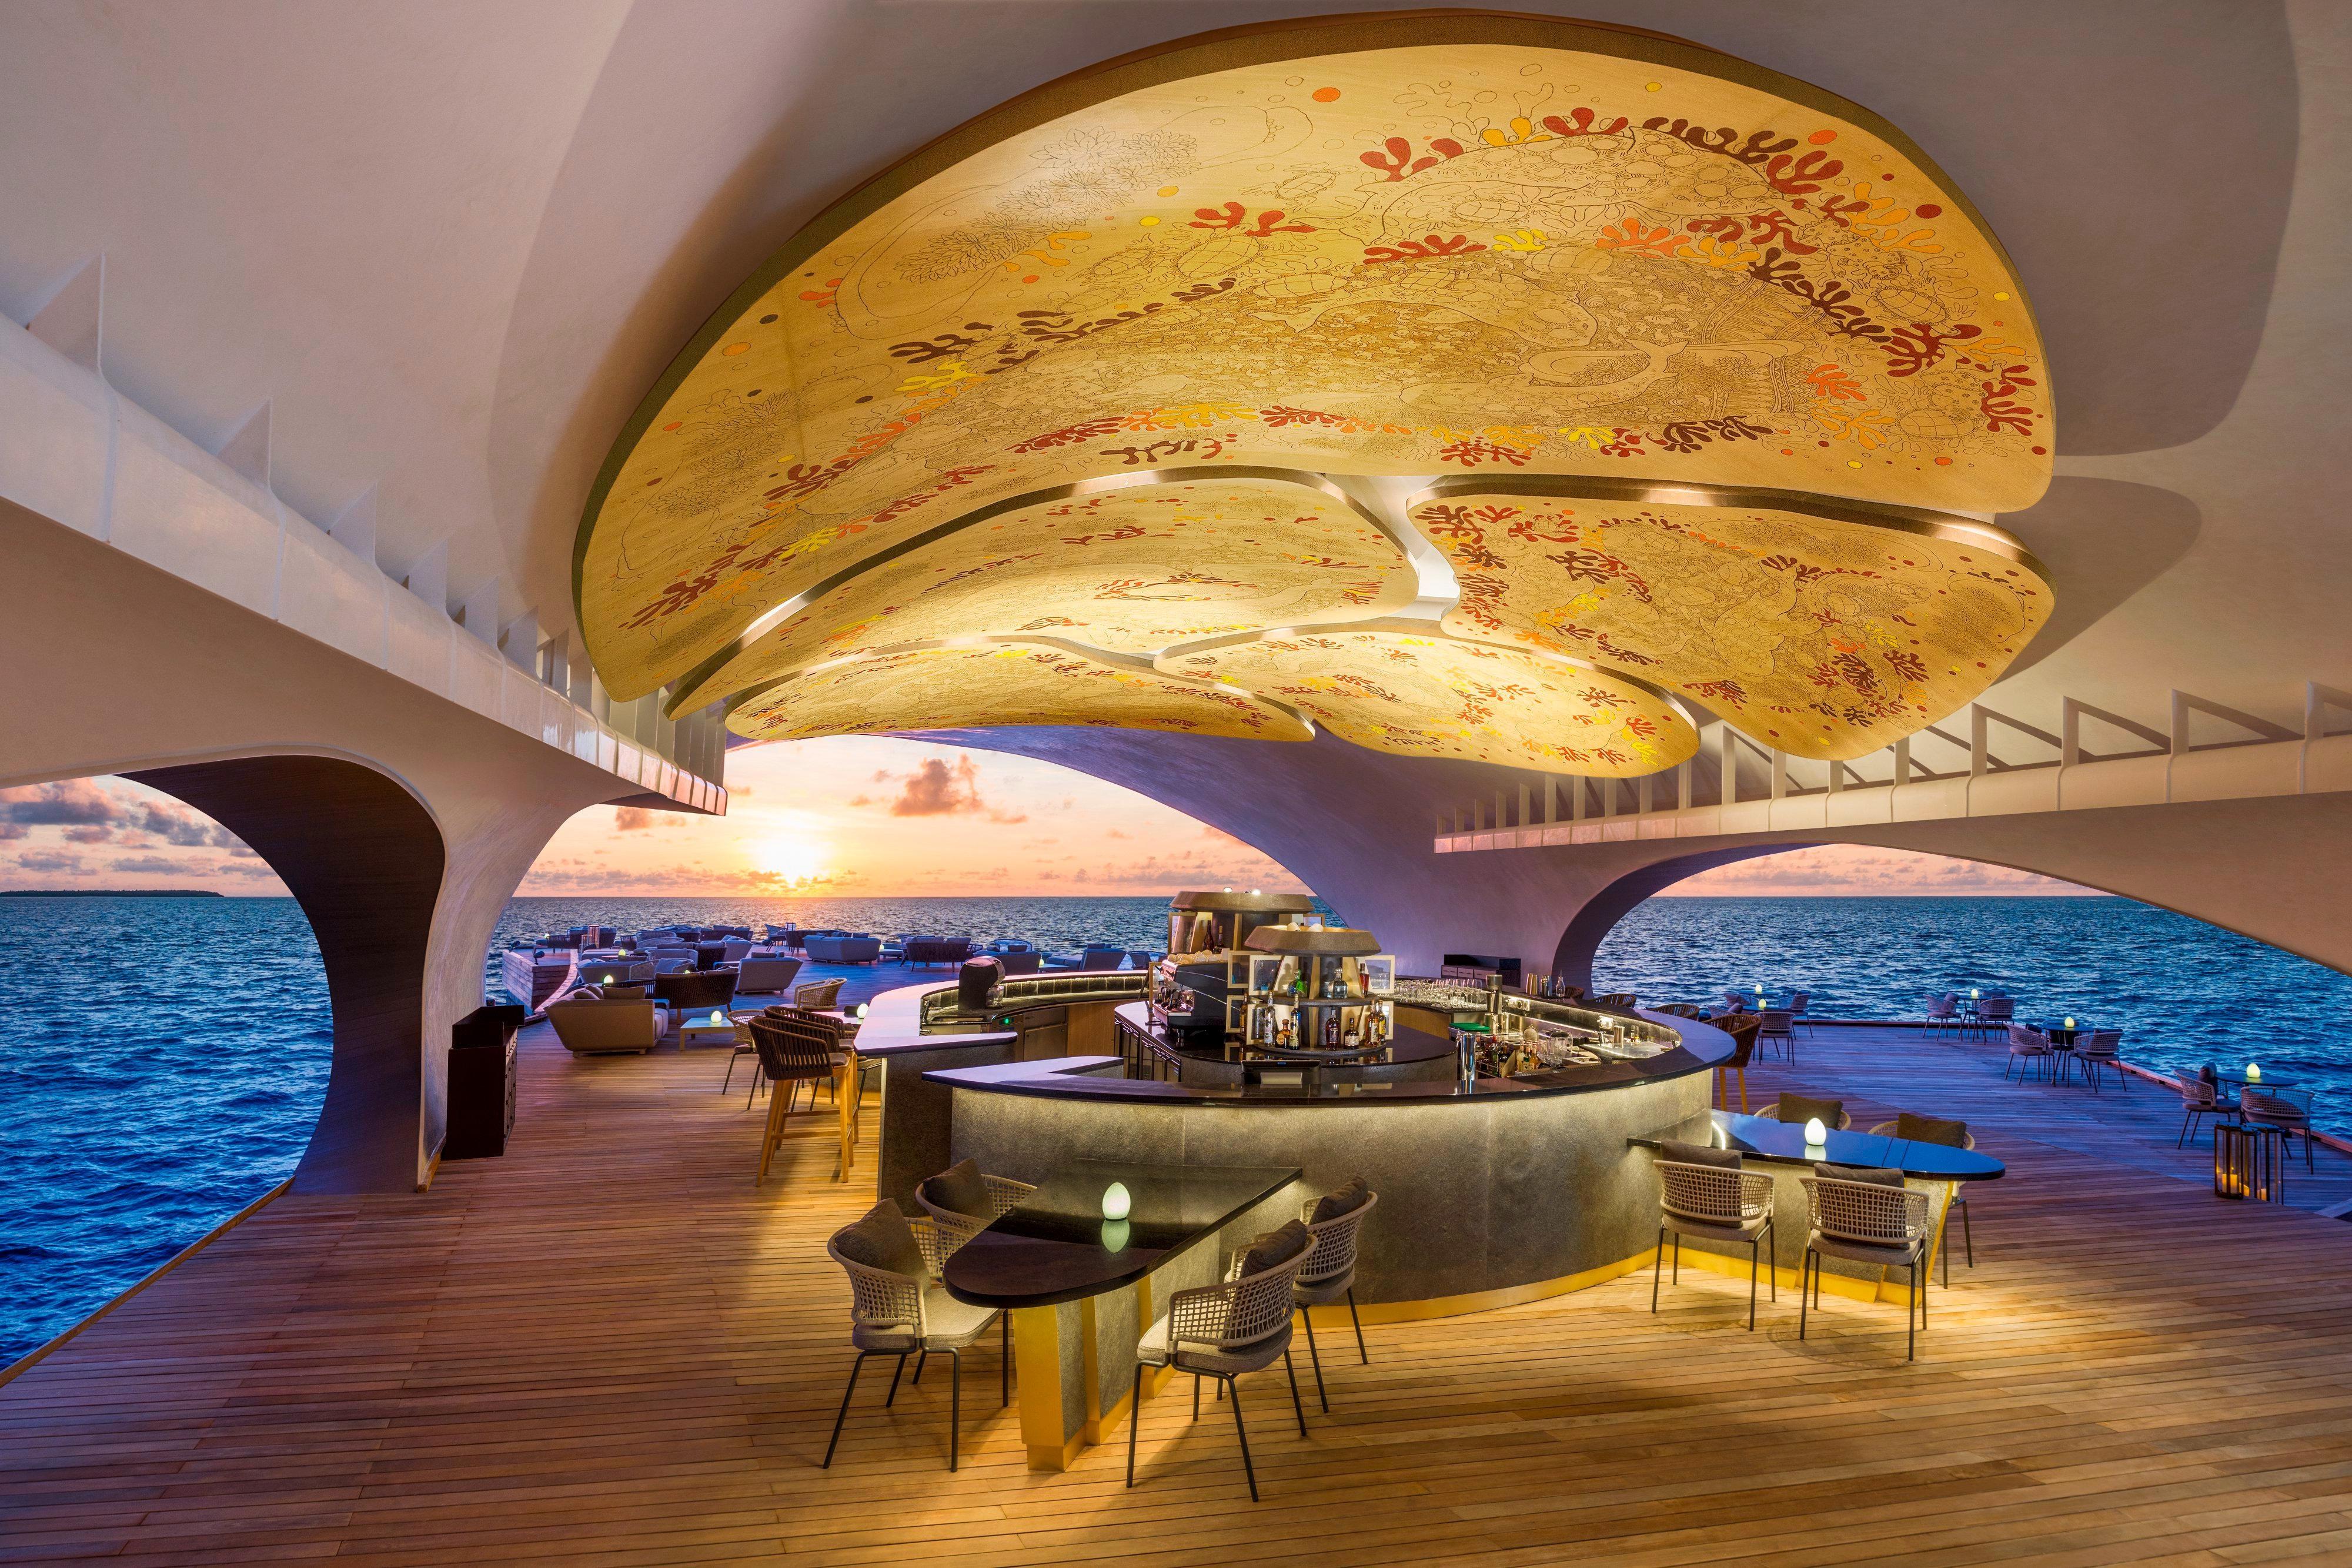 Whale Bar Mural and Bar